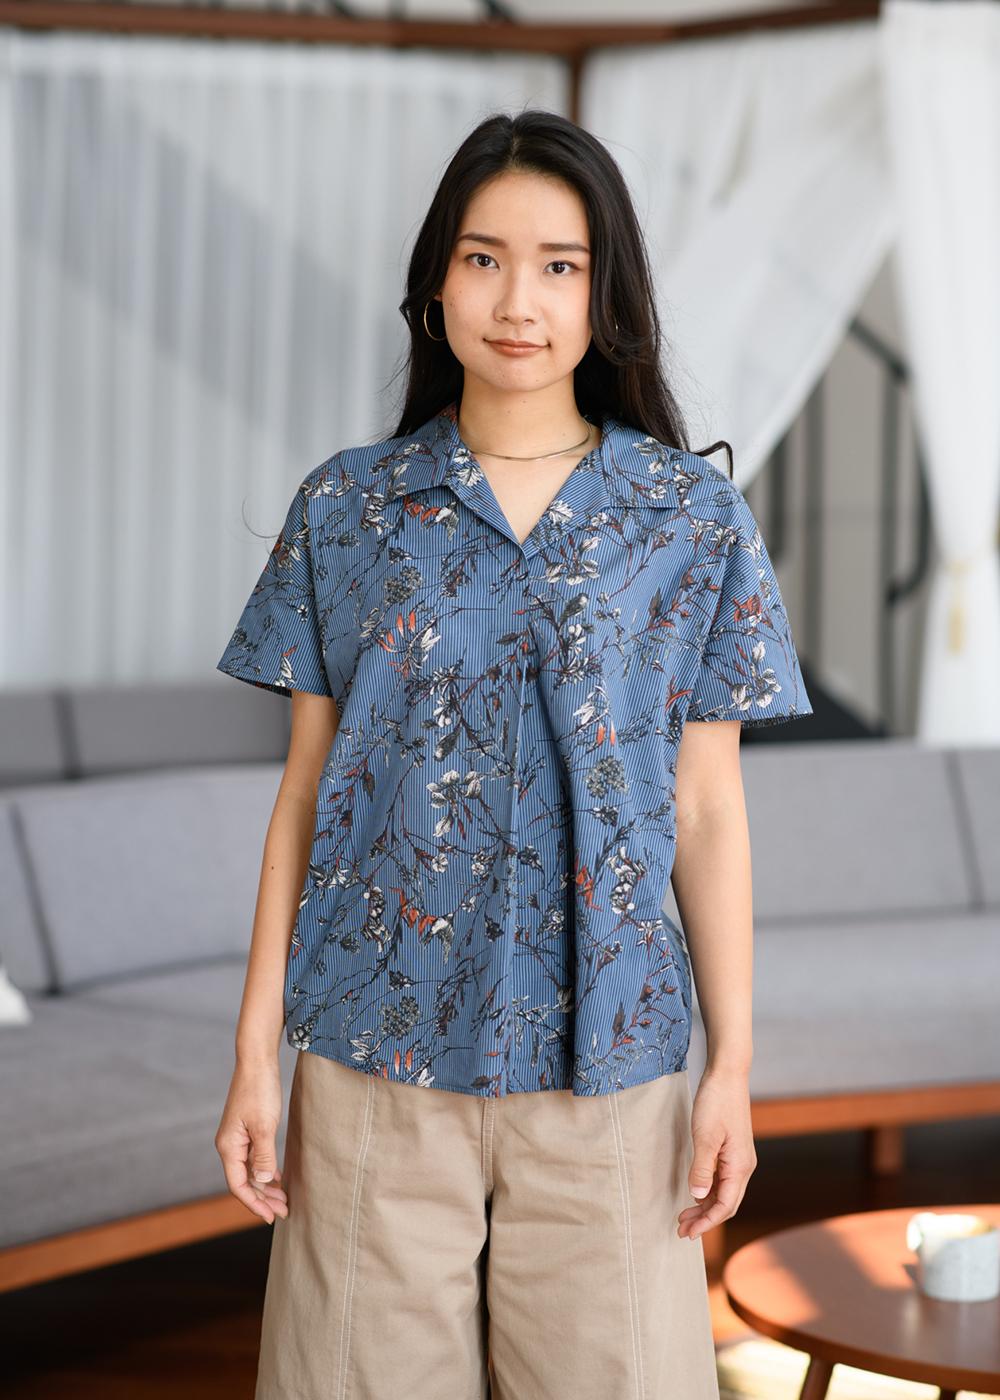 かりゆしウェア(沖縄版アロハシャツ) MAJUN - ストライプウインド